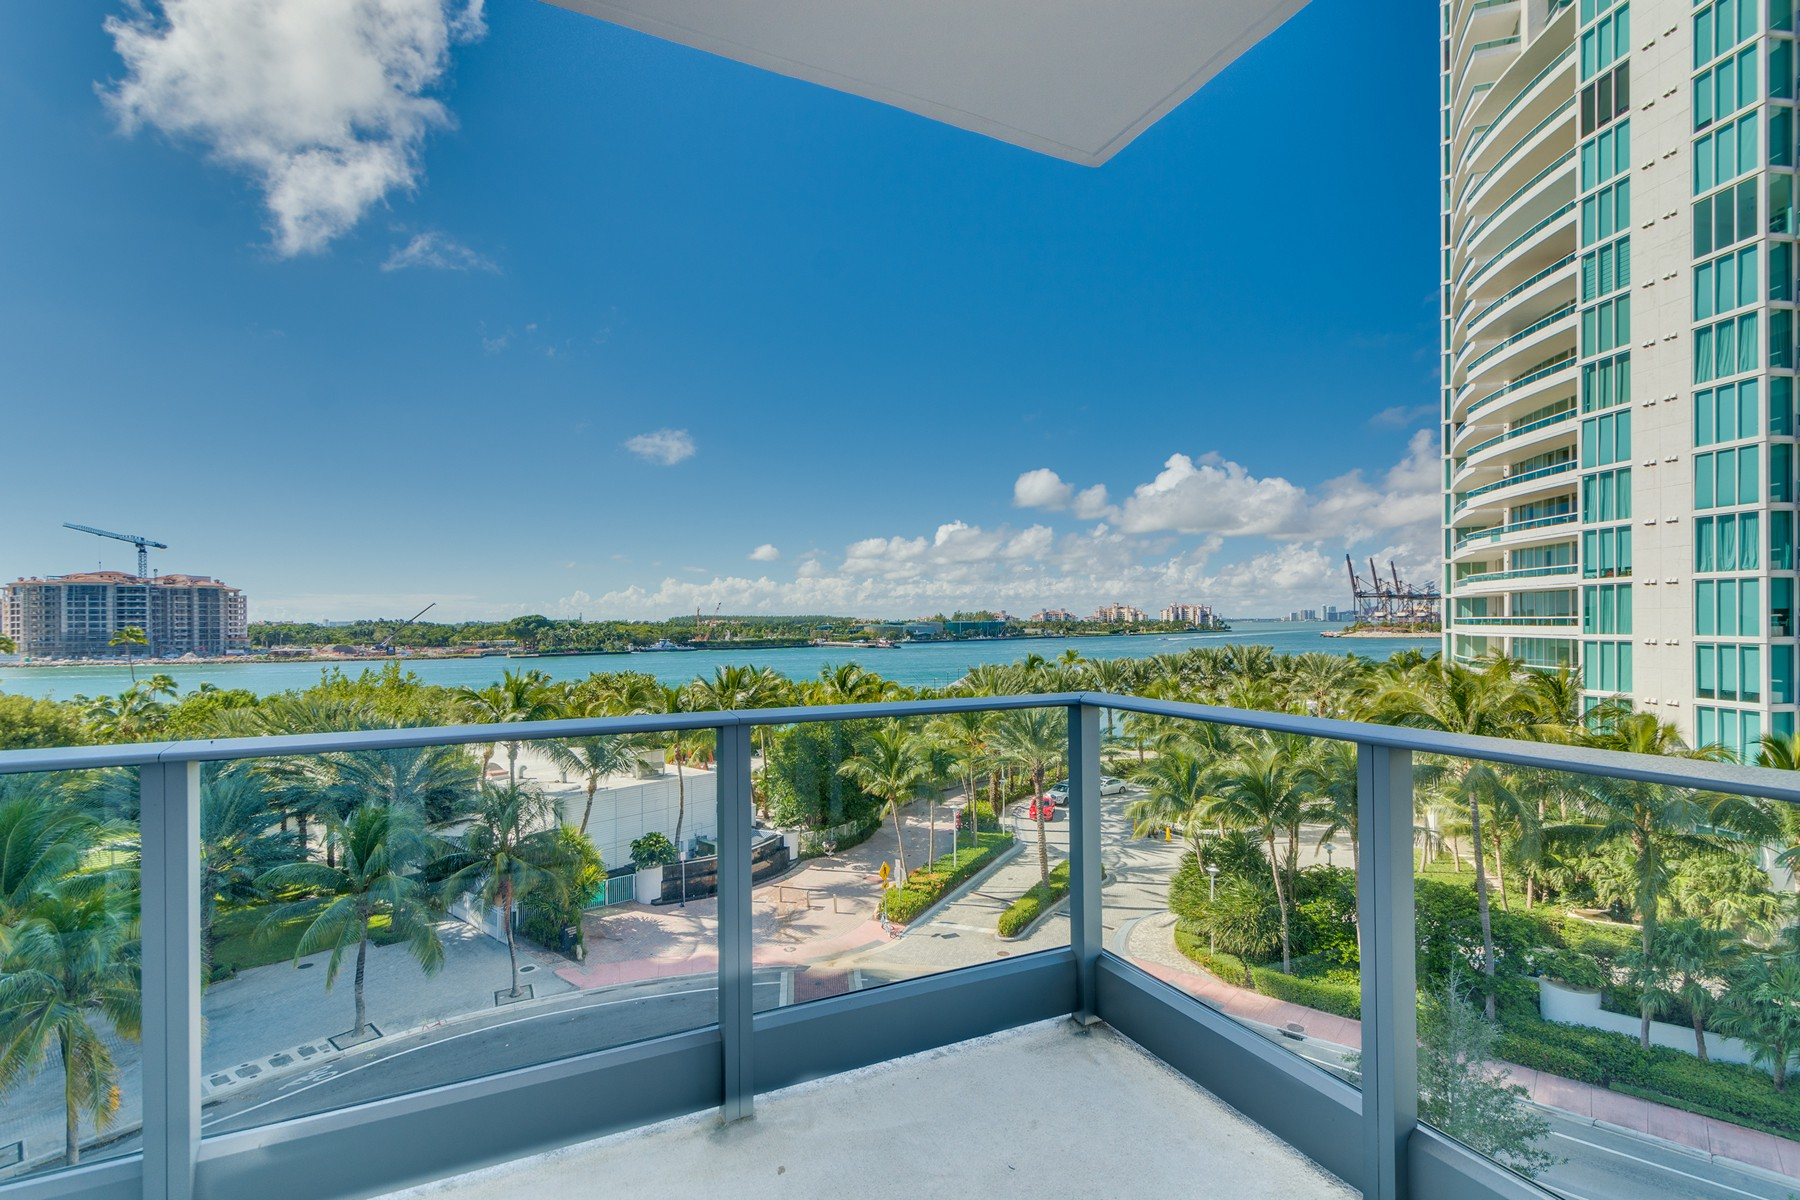 共管式独立产权公寓 为 销售 在 801 S Pointe Dr #501 801 S Pointe Dr 501 迈阿密海滩, 佛罗里达州, 33139 美国